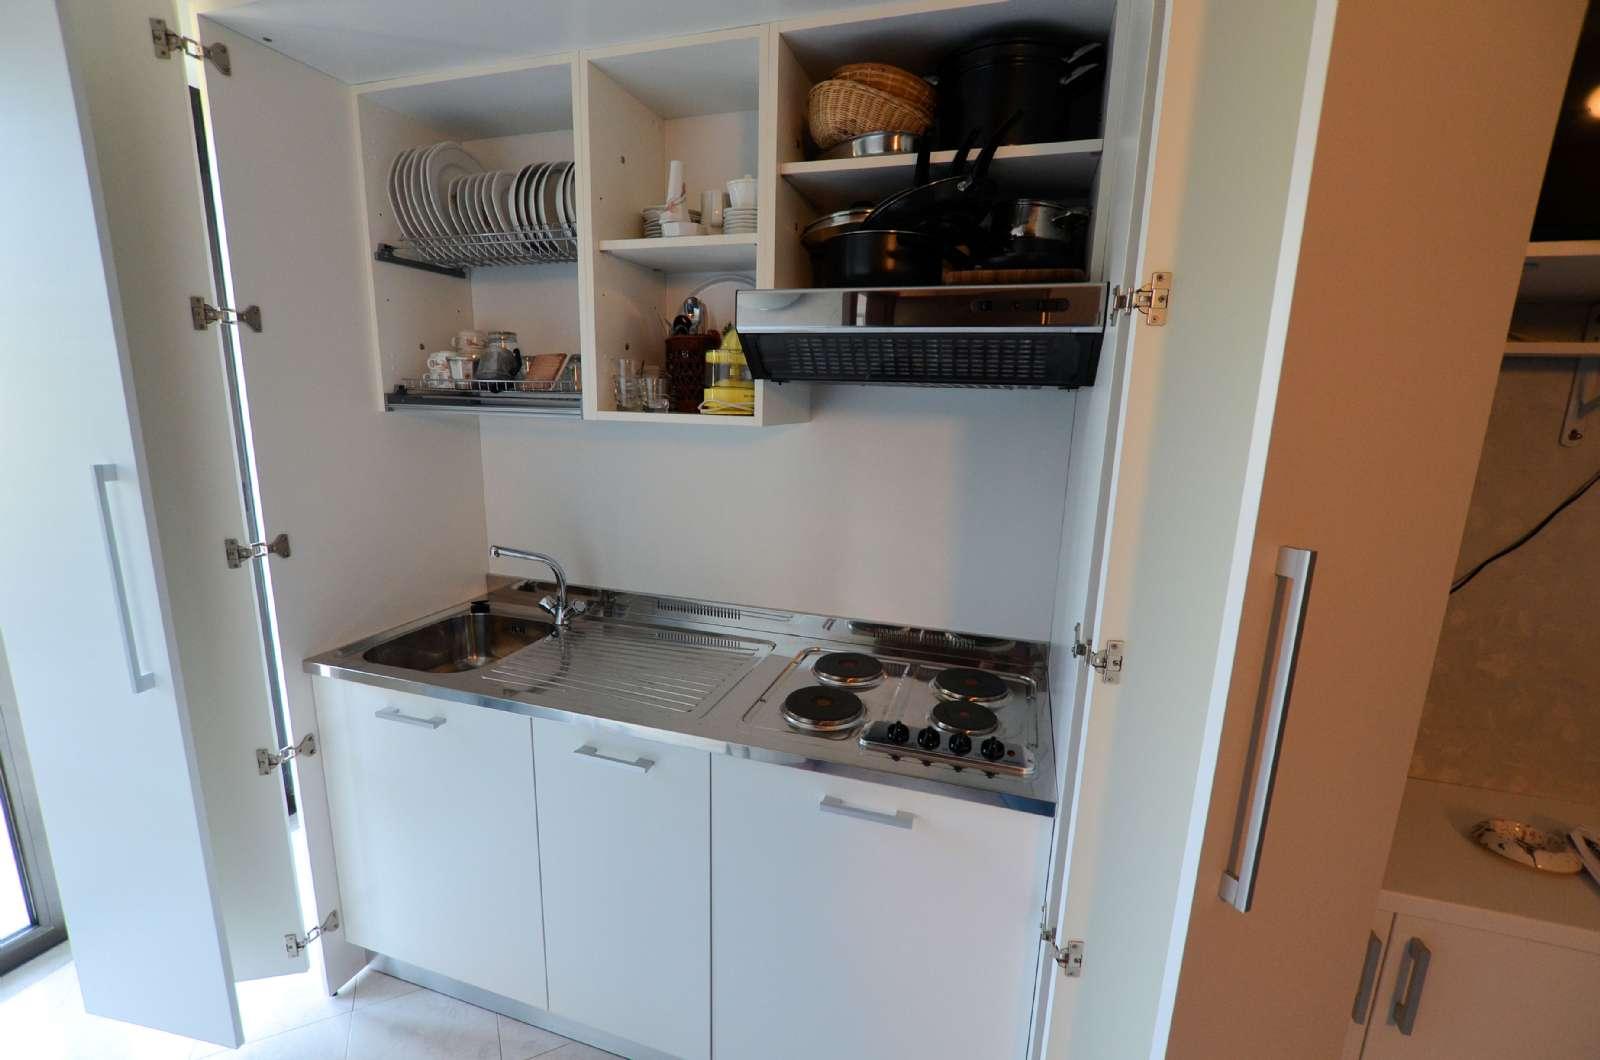 Eksempel på køkken i lejlighed